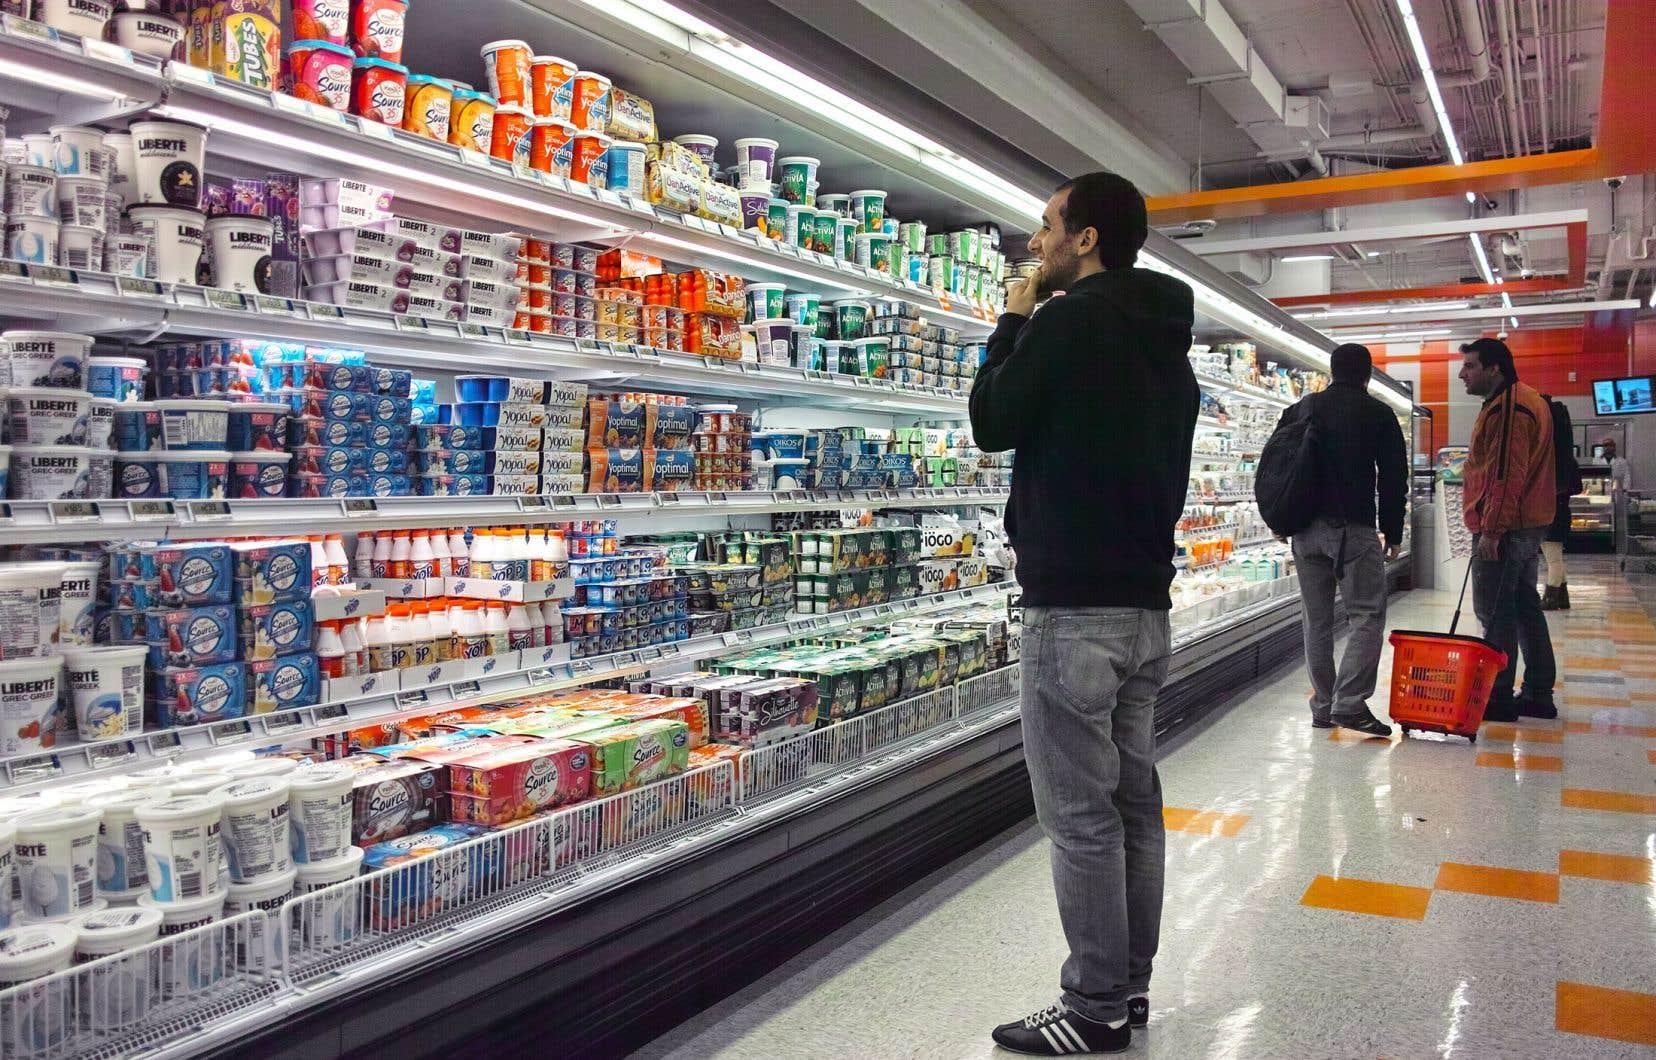 Selon les chercheurs,l'industrie du service alimentaire est décimée par la crise de la COVID-19.